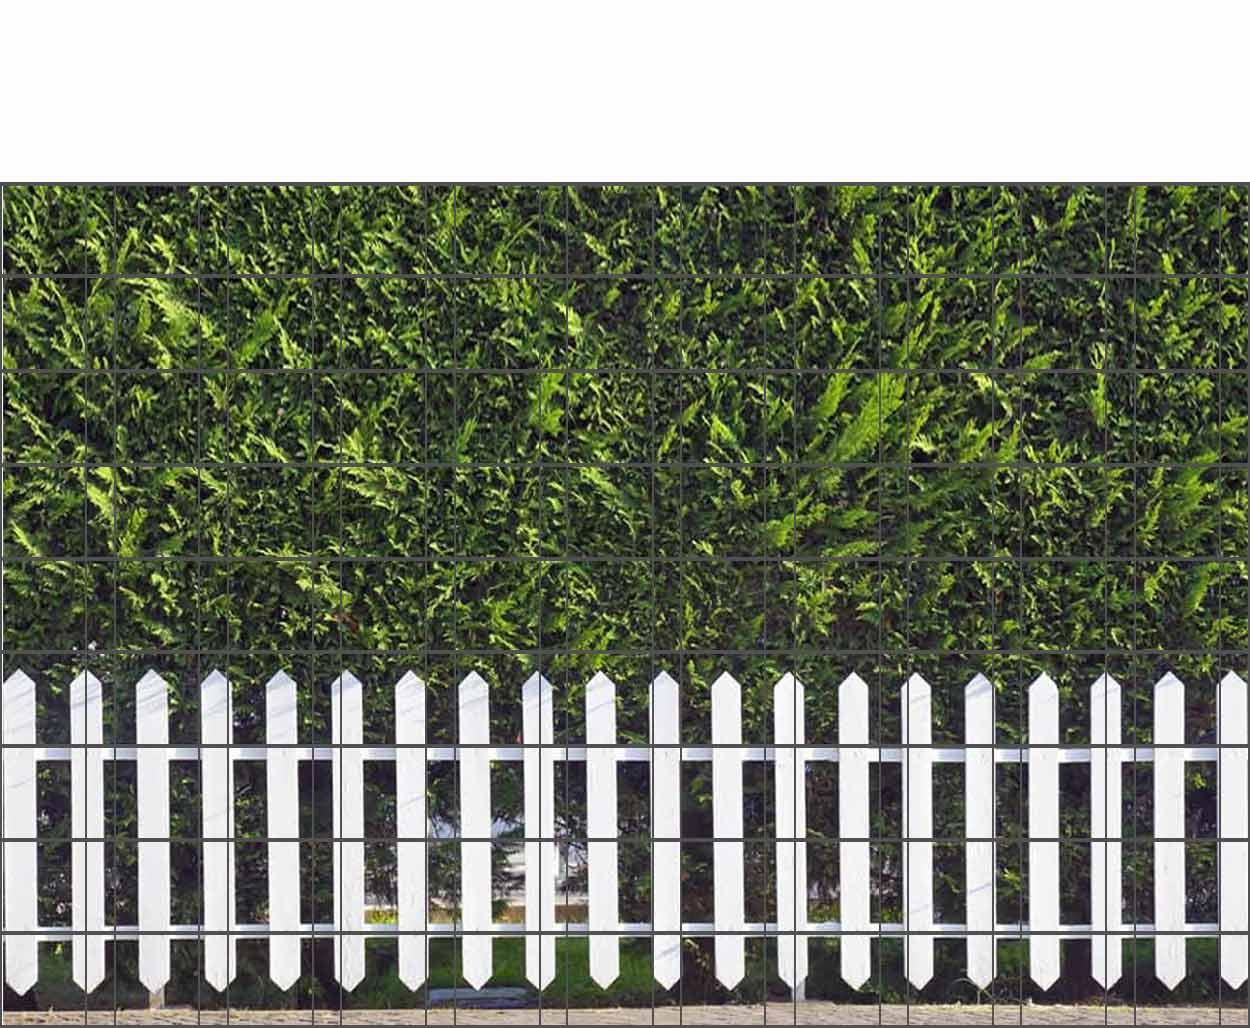 Bedruckter Zaun Sichtschutz Motiv Weisser Zaun Sichtschutz Shop